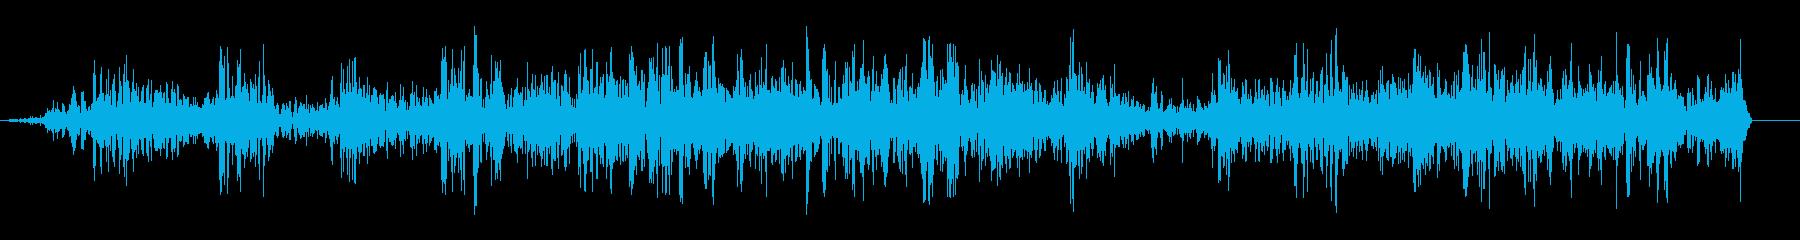 ブワブワ(泡が涌き上る音)の再生済みの波形